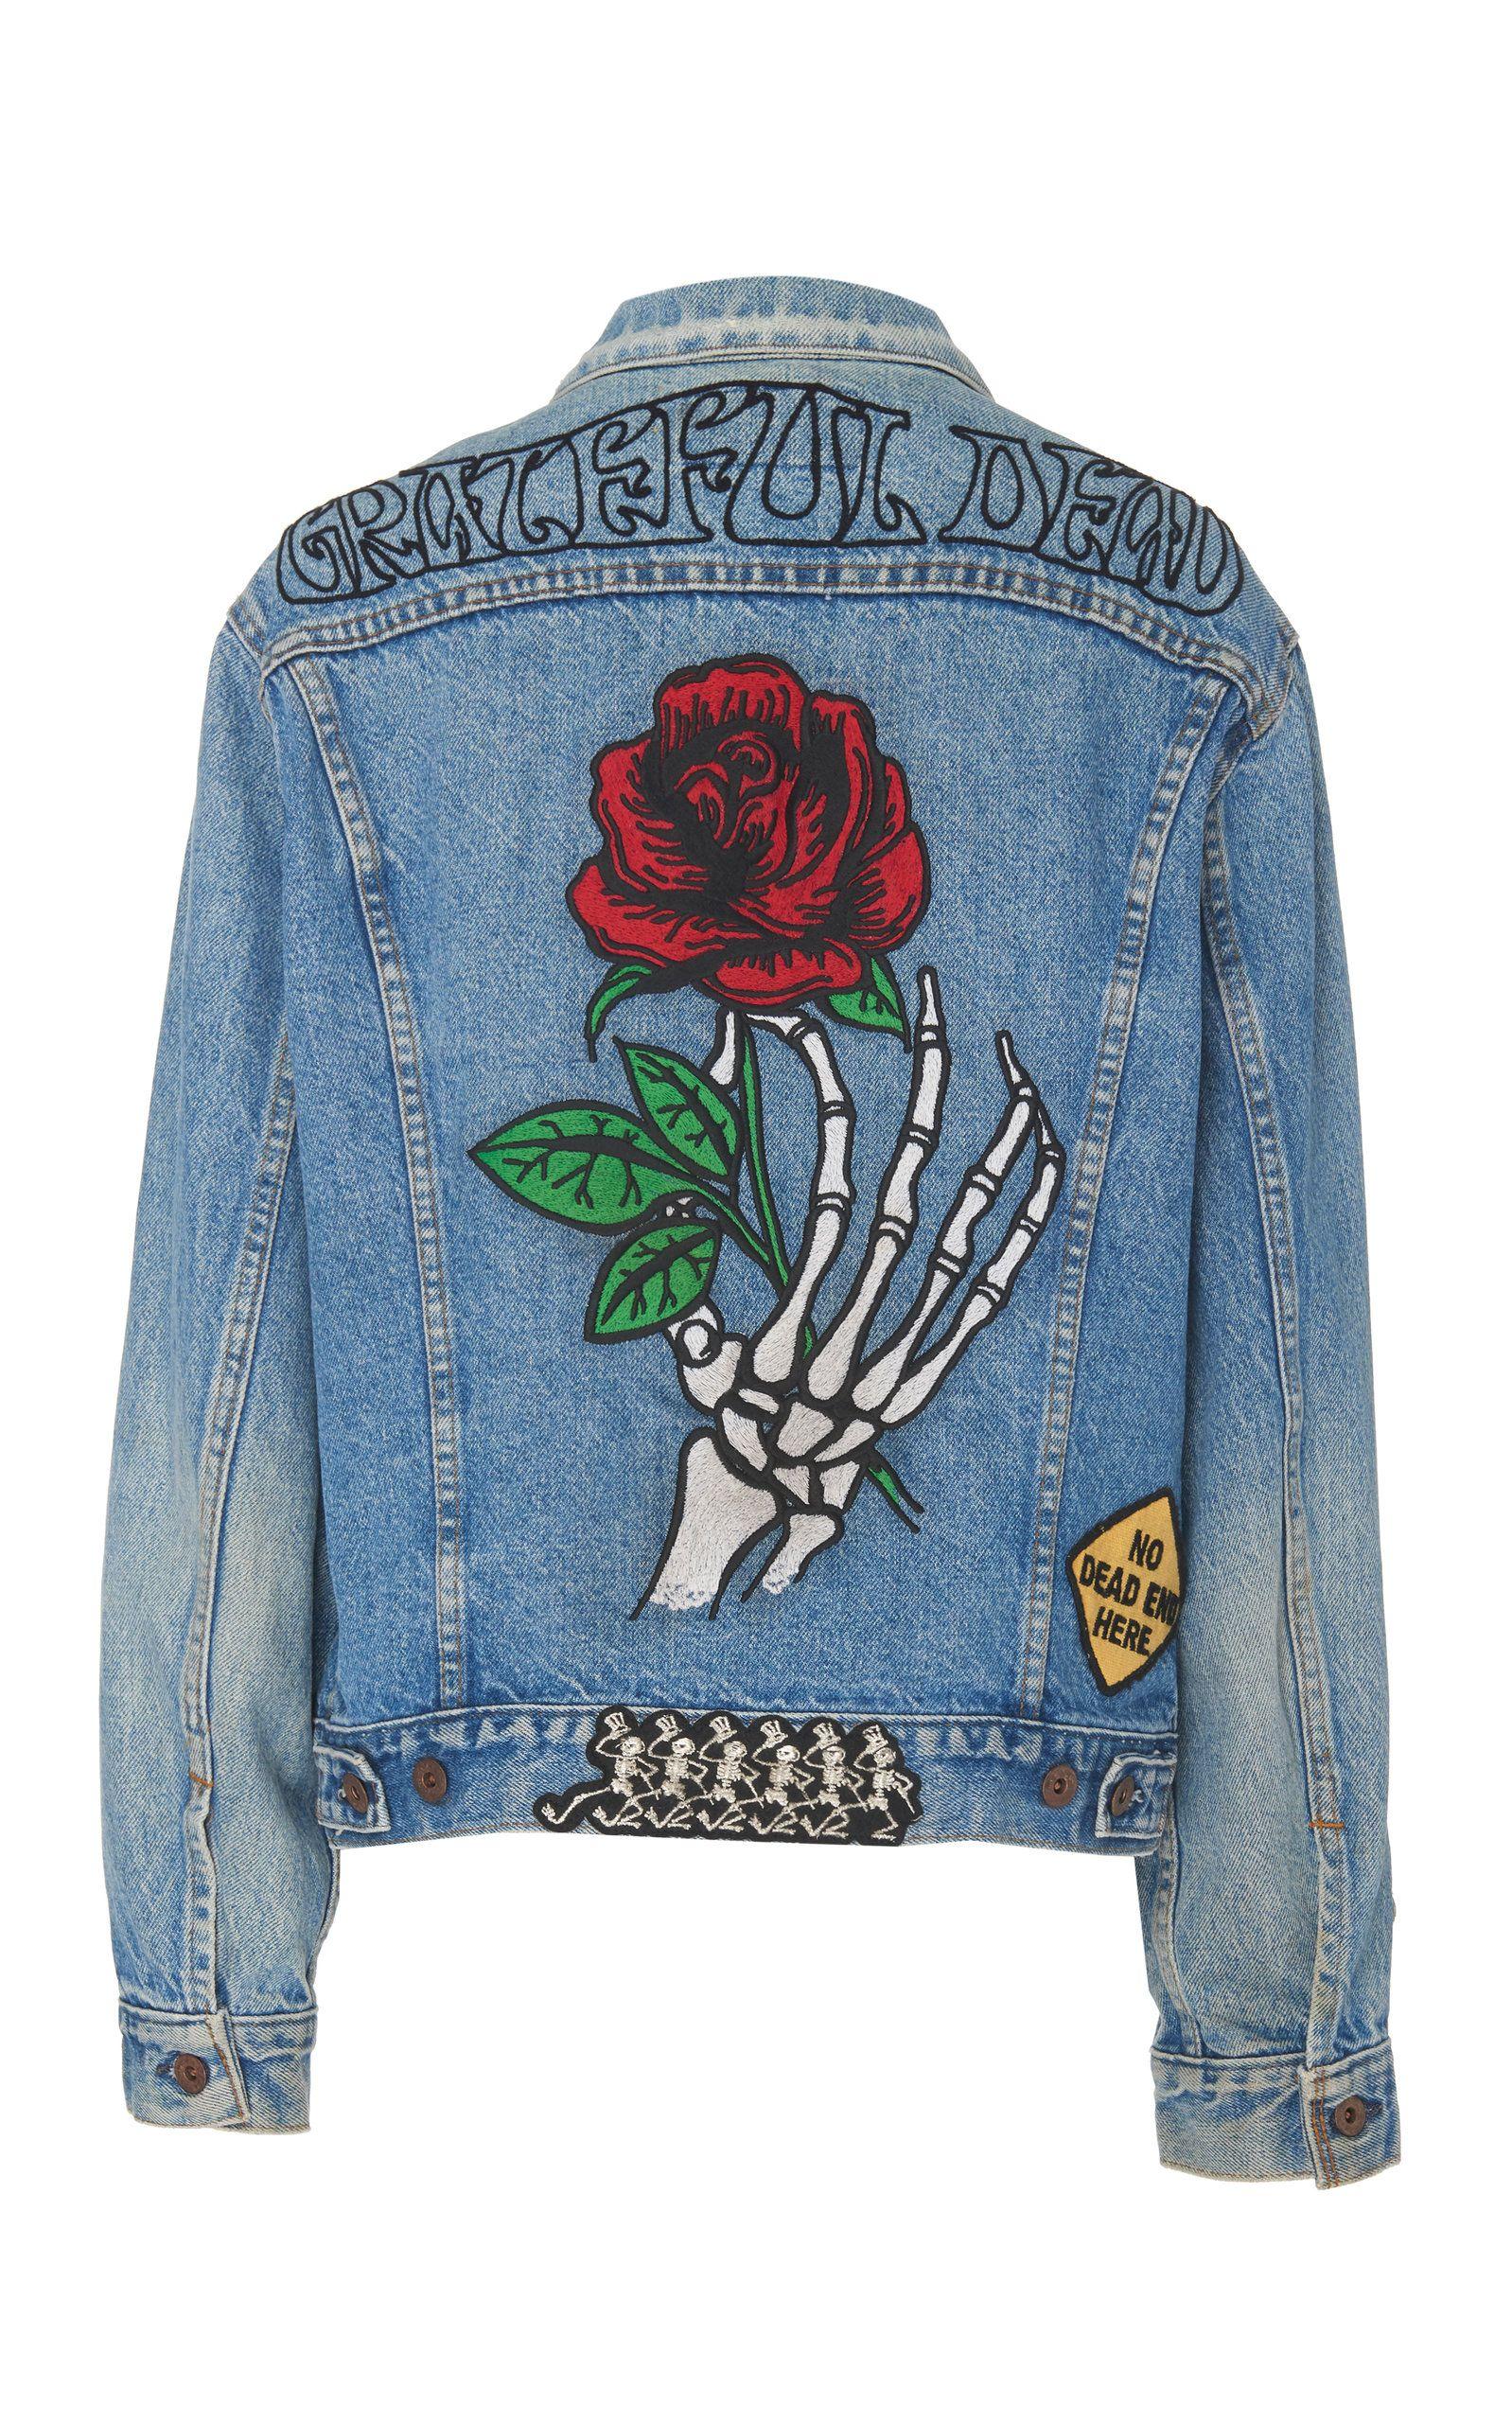 Madeworn Grateful Dead Embroidered Rose Denim Jacket Jackets Denim Jacket Patches Denim Jacket [ 2560 x 1598 Pixel ]